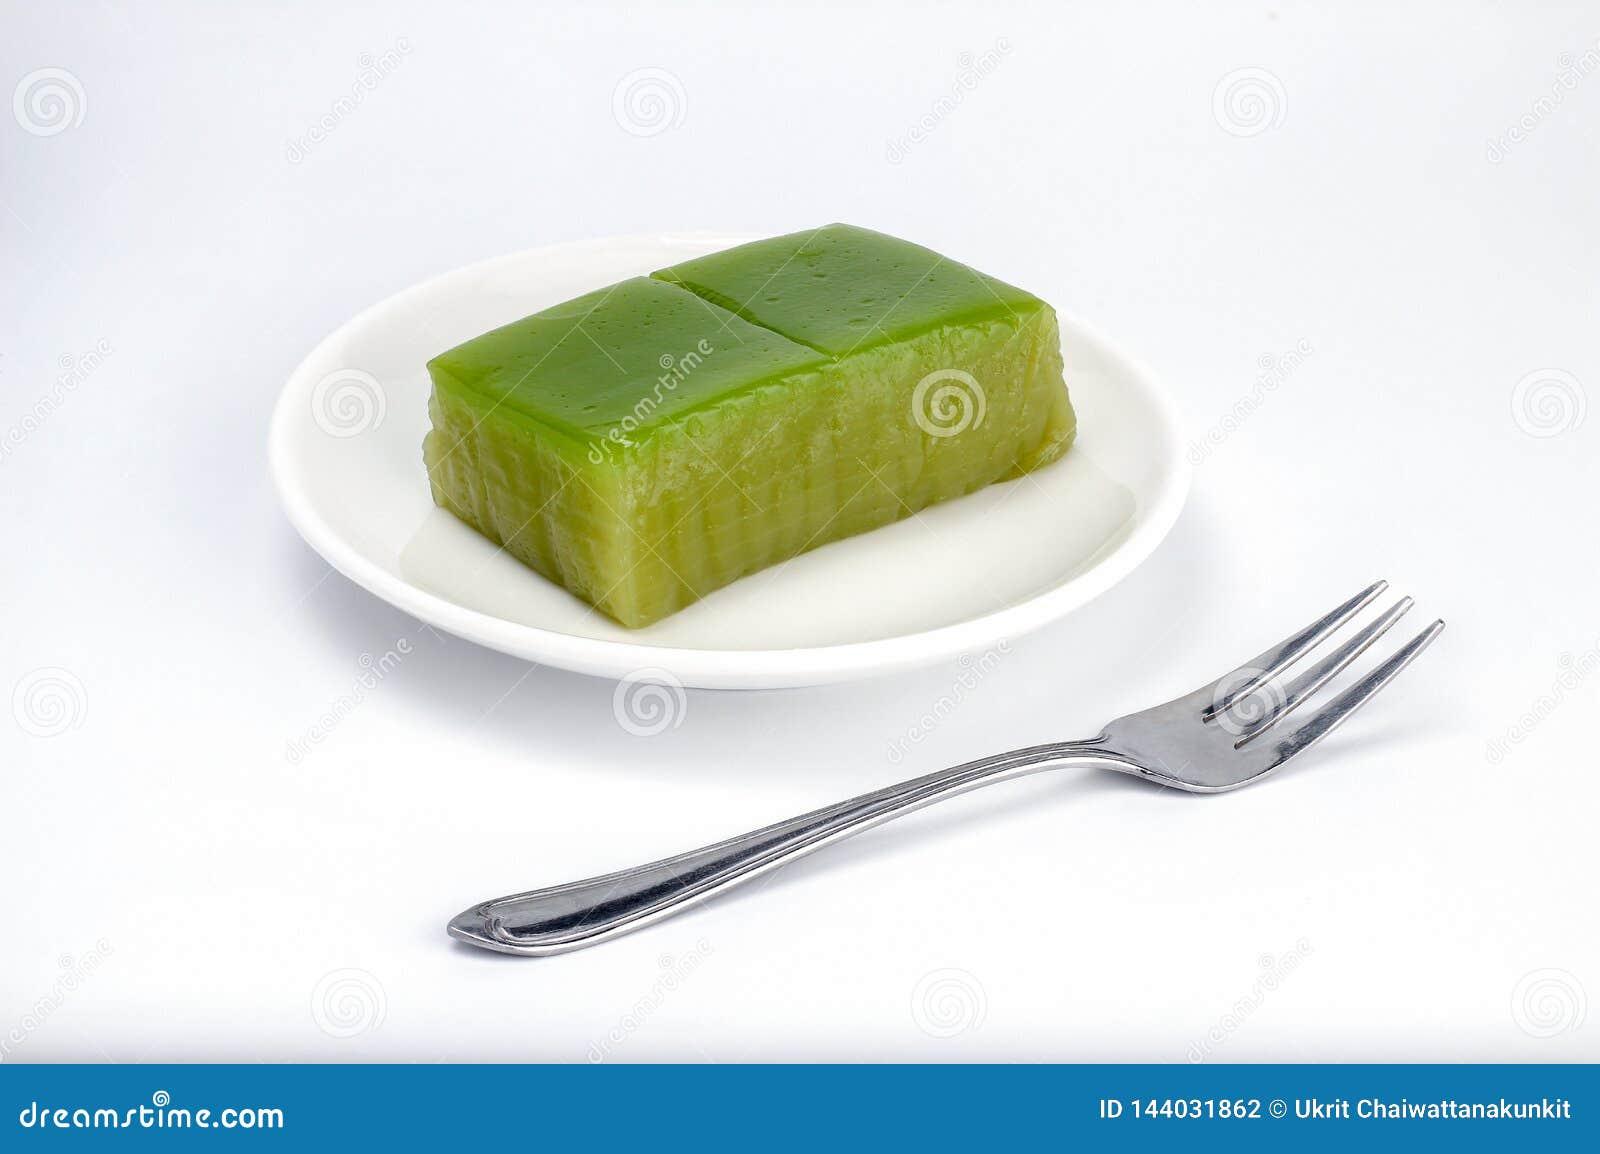 De Thaise cake van de laagsnoepjes van het traditiedessert, de Thaise Zoete multinaam van de laag zoete cake is Kanom Chan